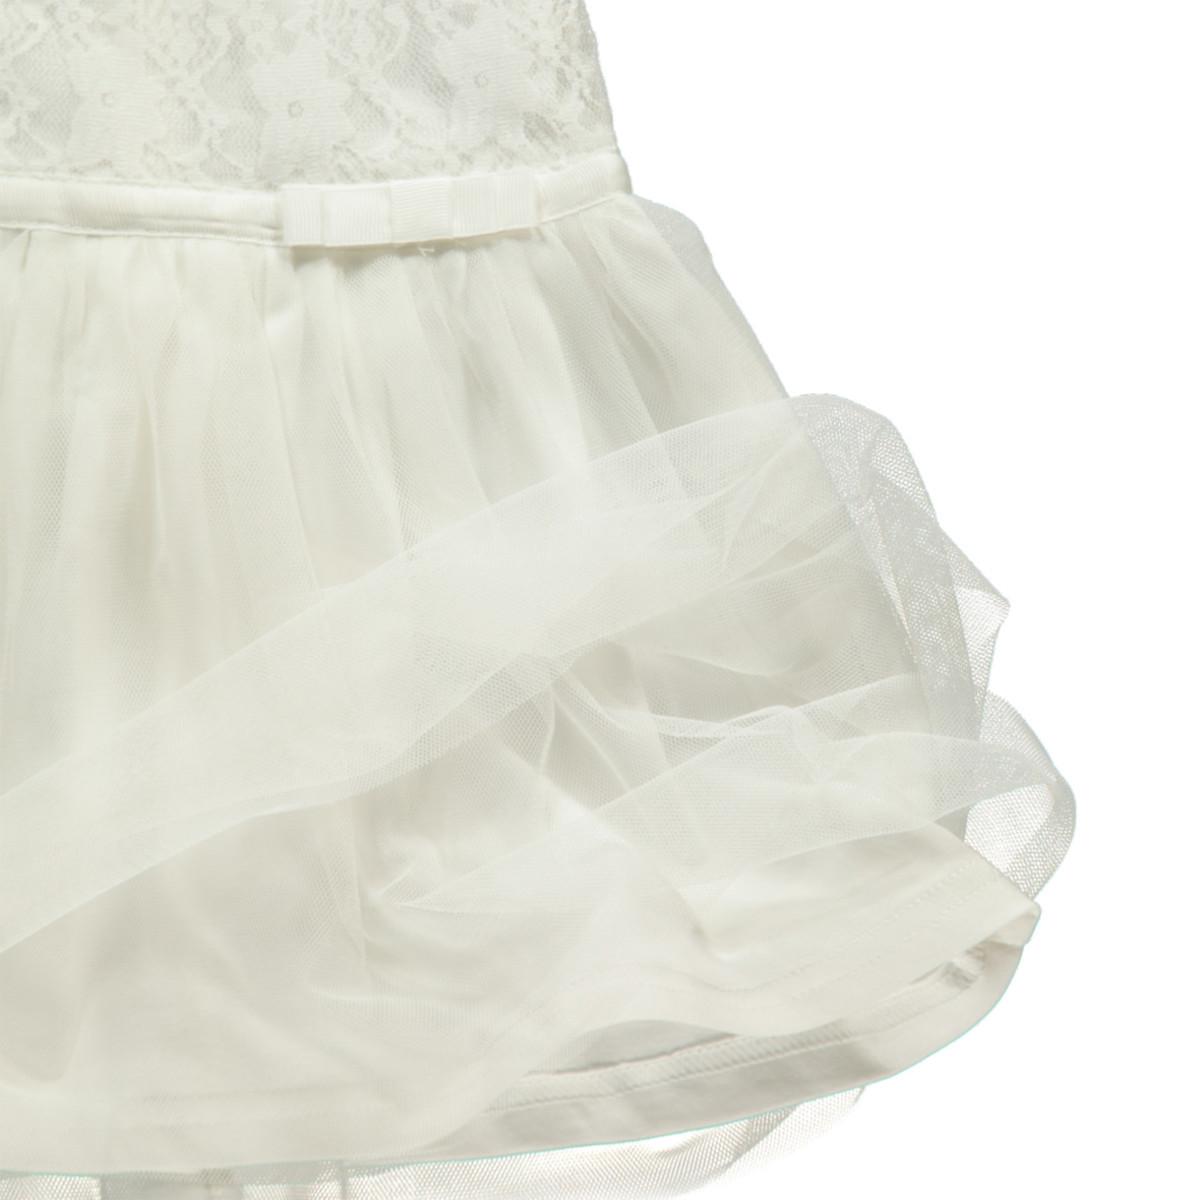 Bild 3 von Mädchen Kleid mit Tüllrock und Spitze